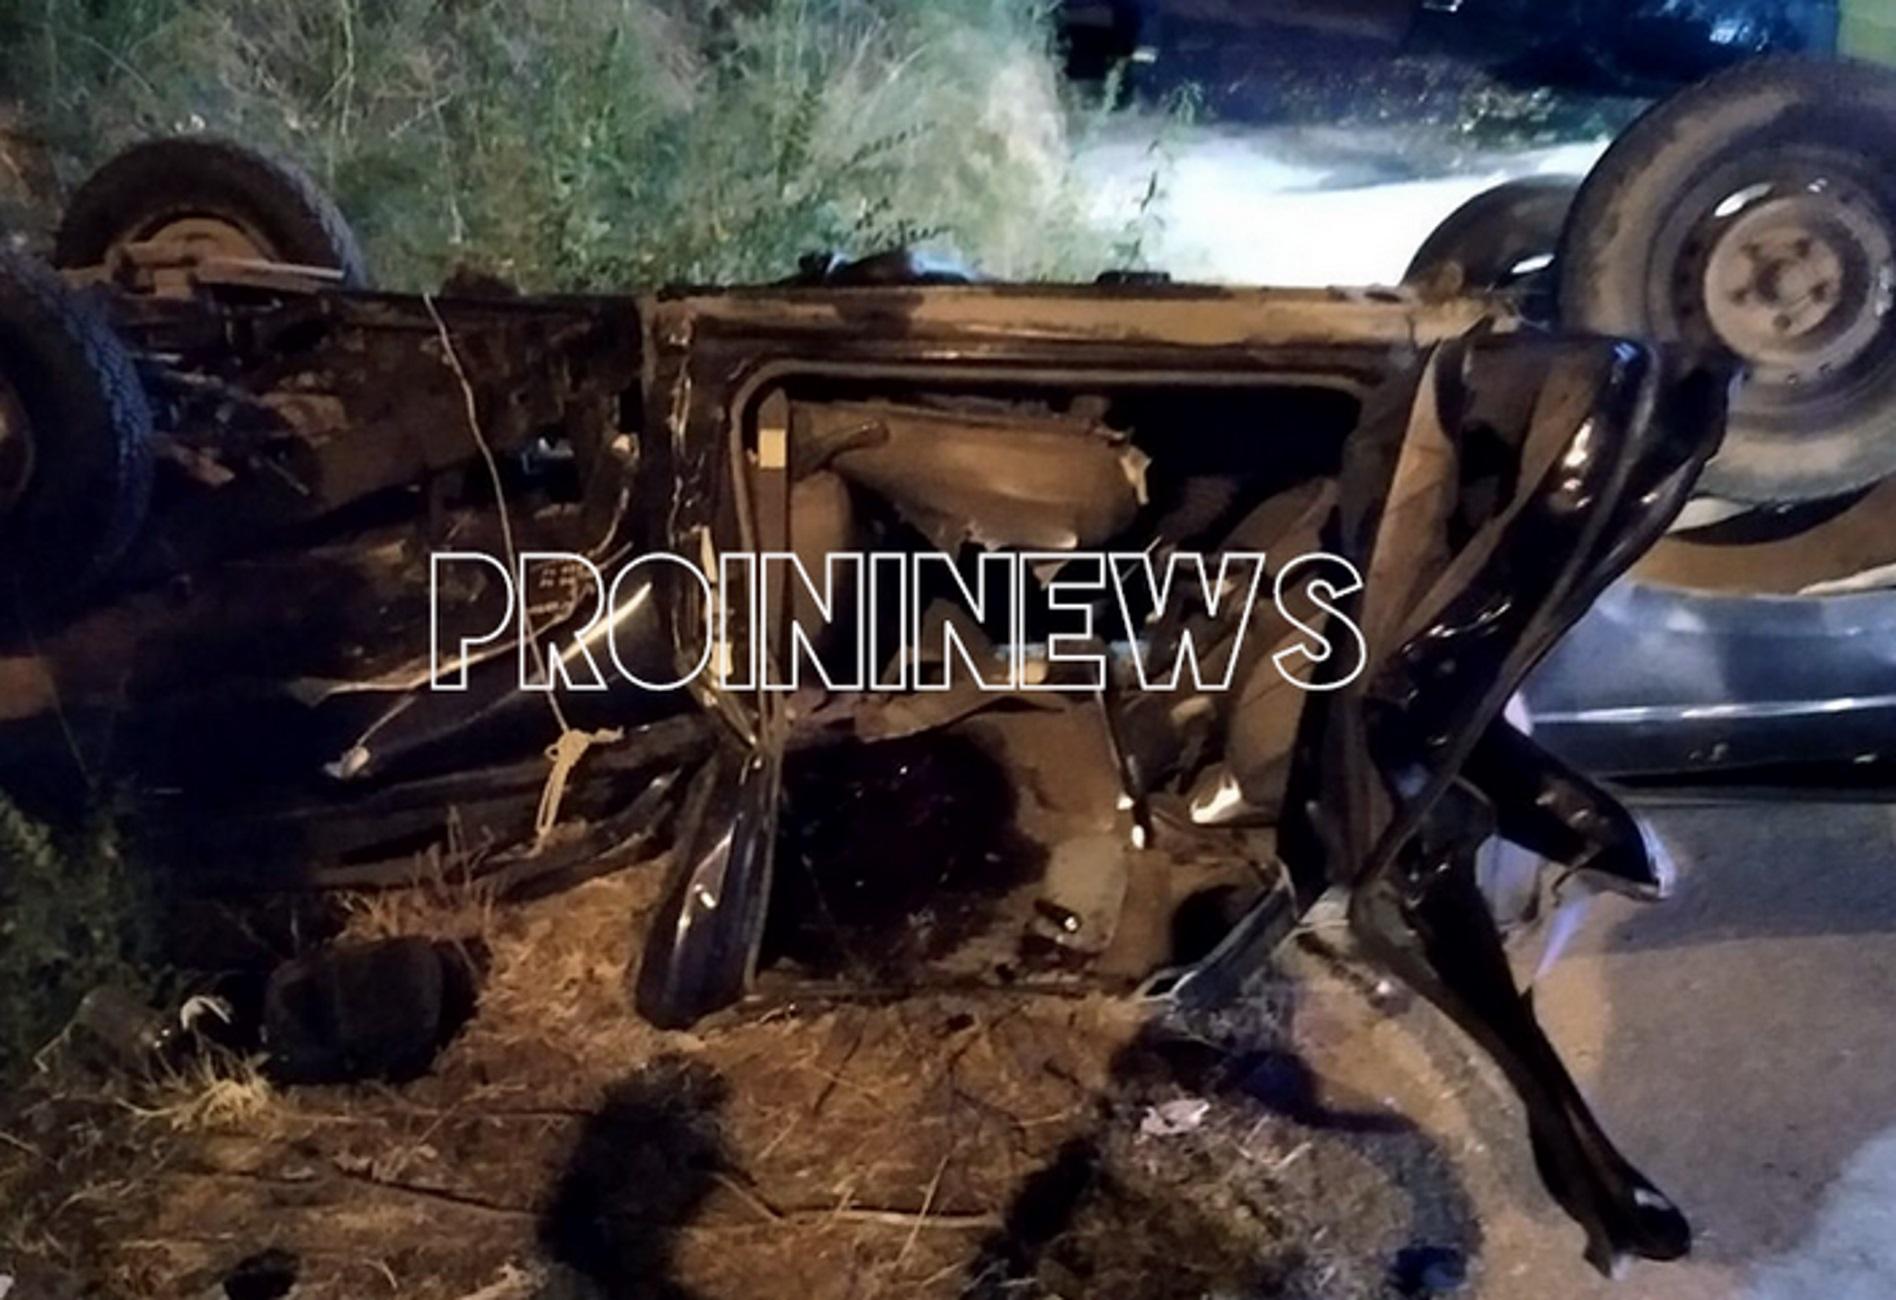 Καβάλα: Φοβερό τροχαίο με πτώση δύο αυτοκινήτων από γέφυρα – Ένας νεκρός και δύο σοβαρά τραυματίες